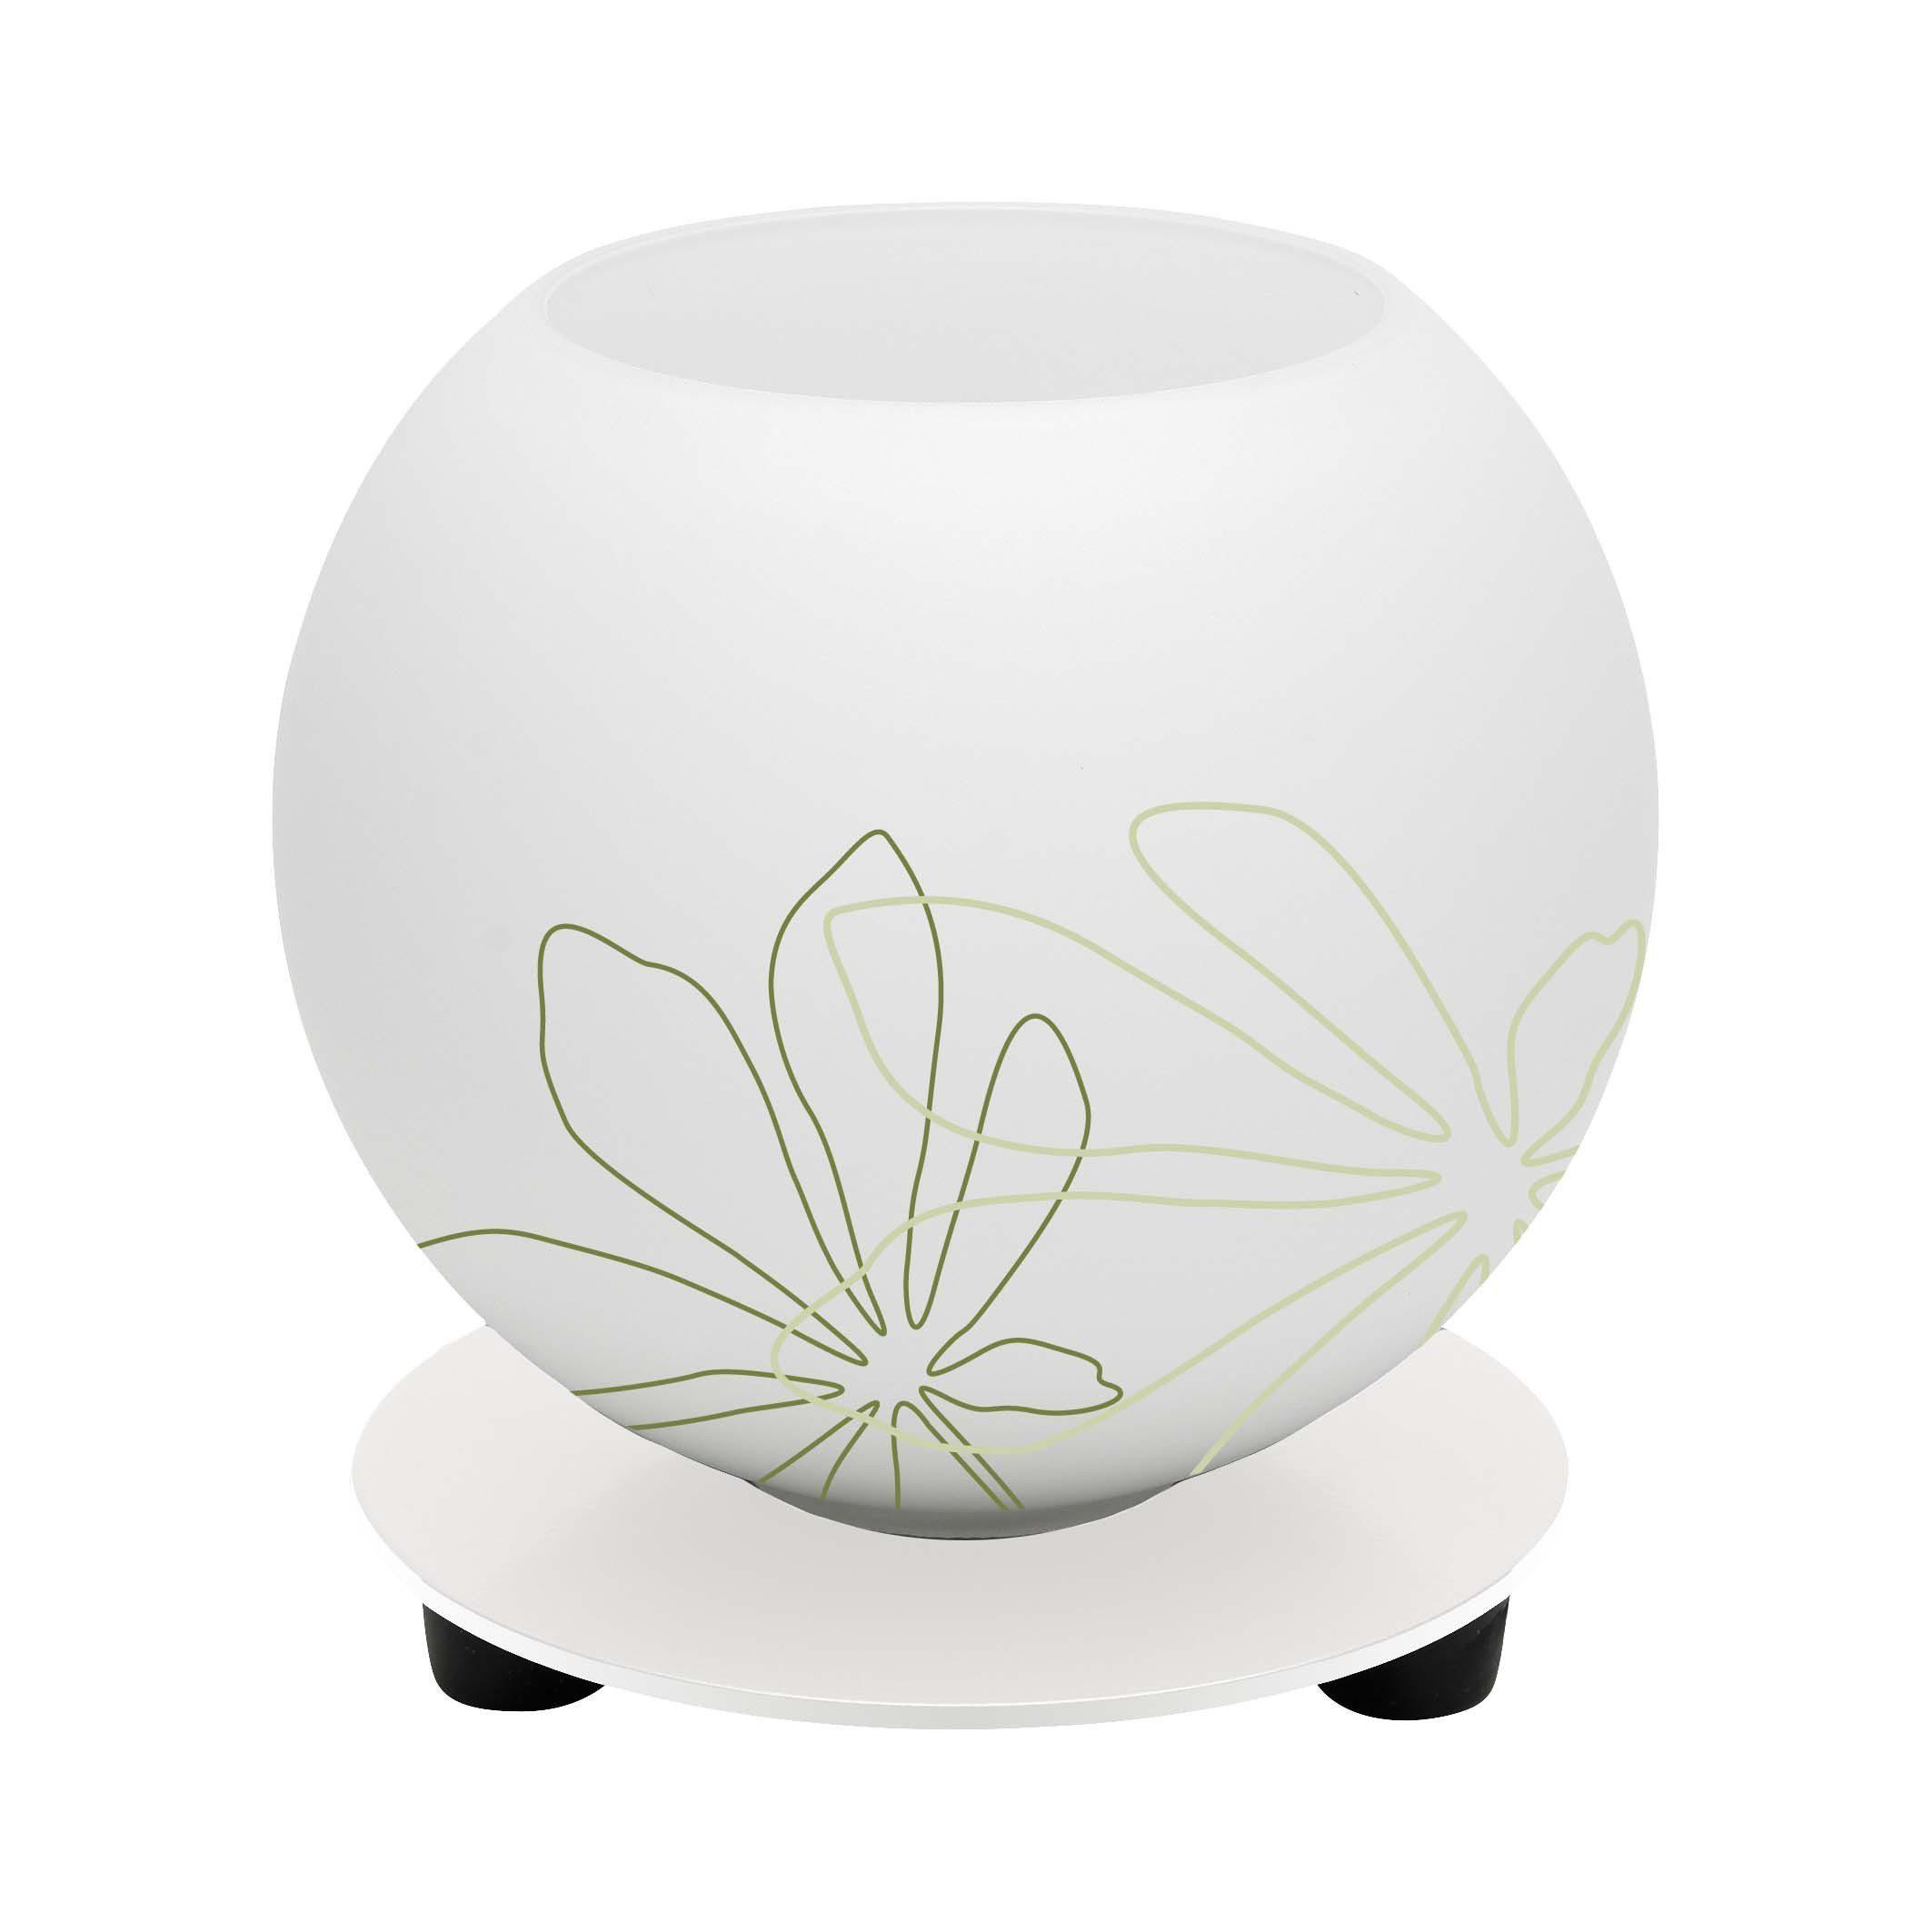 Brilliant Leuchten Pop Tischleuchte weiß/grün florales Muster